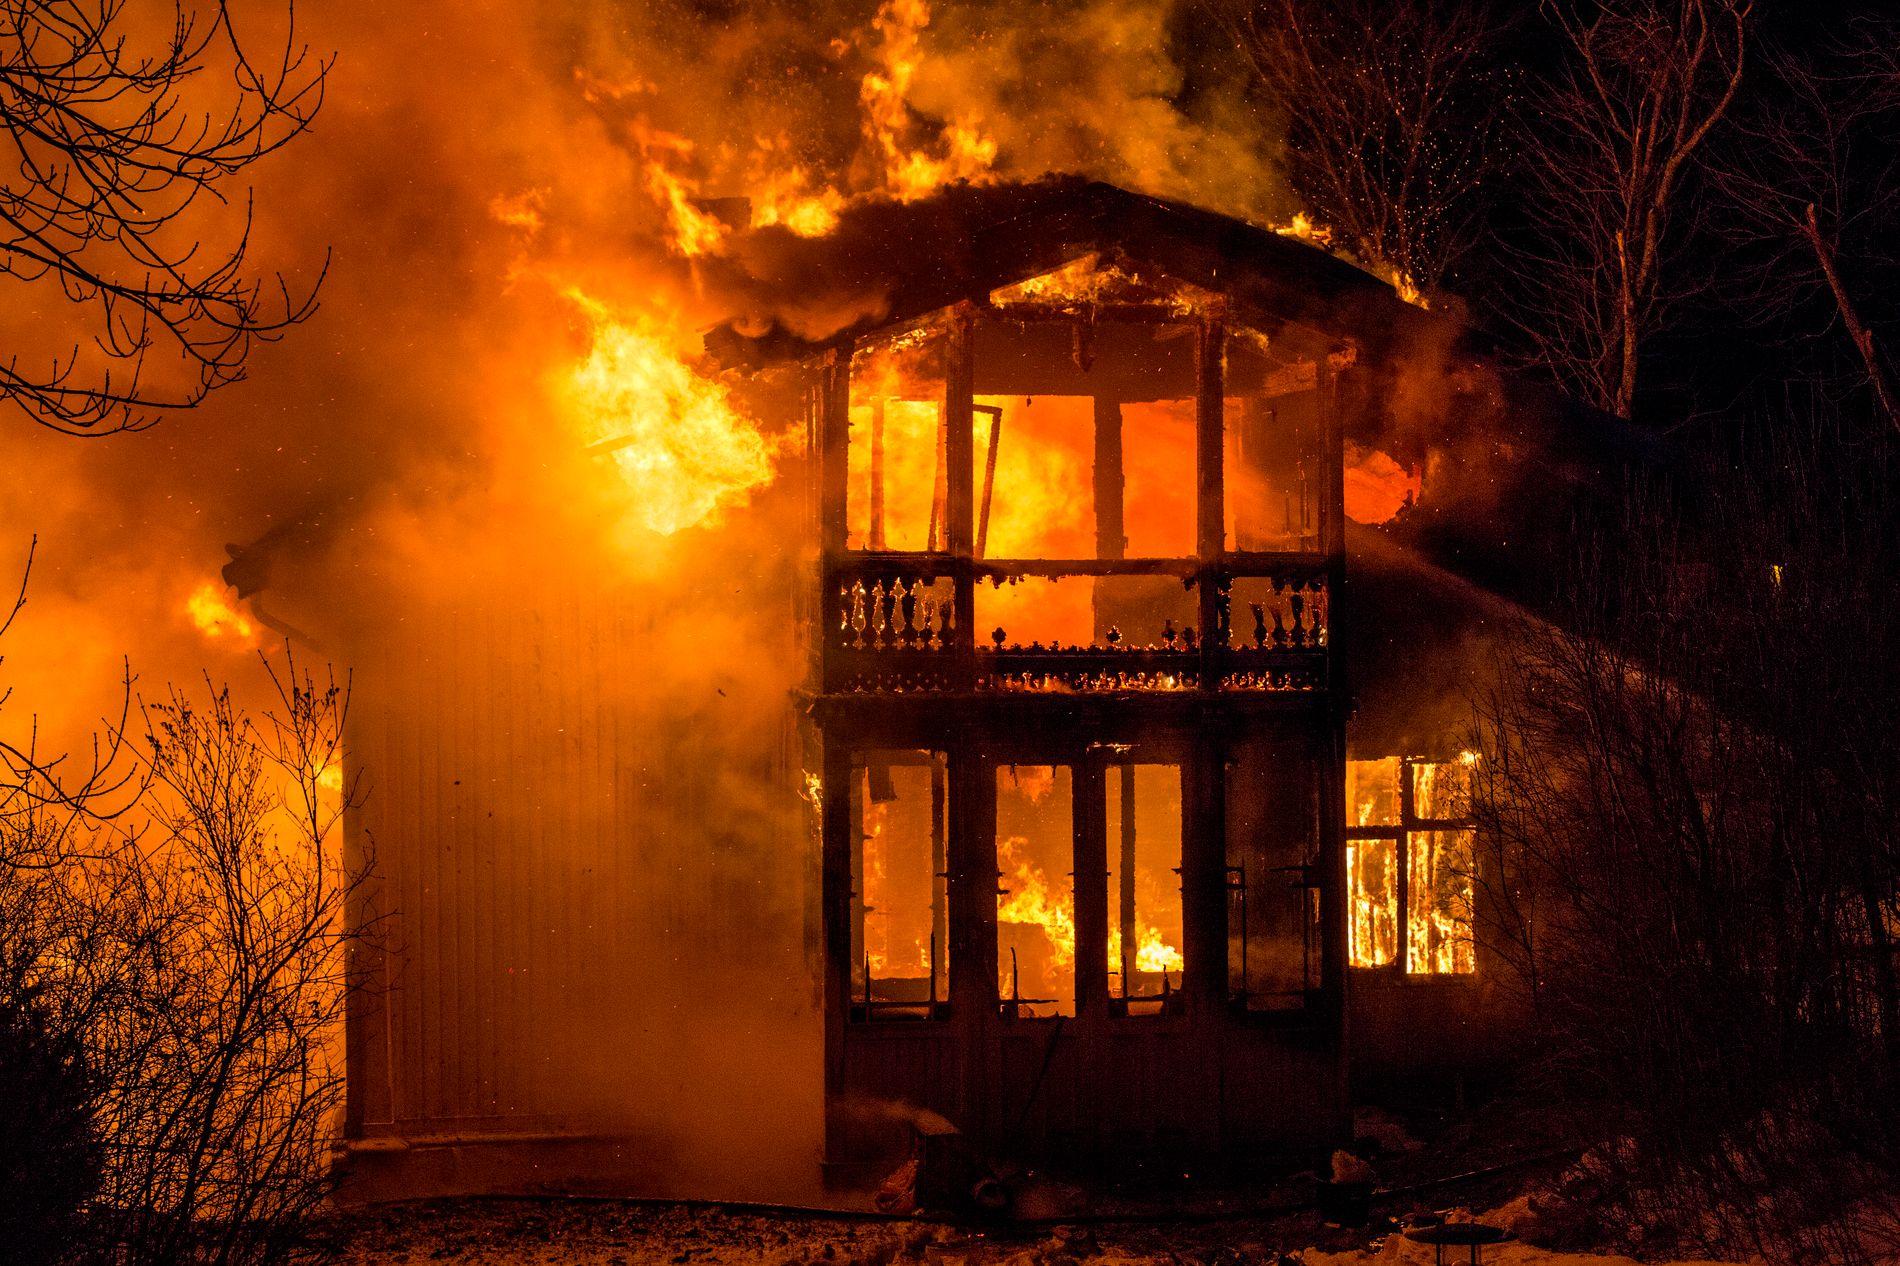 HØYSESONG: Desember er statistisk sett en måned med mange branner. Her fra en brann i en villa på Skøyen i februar. Ingen ble skadet i hendelsen.